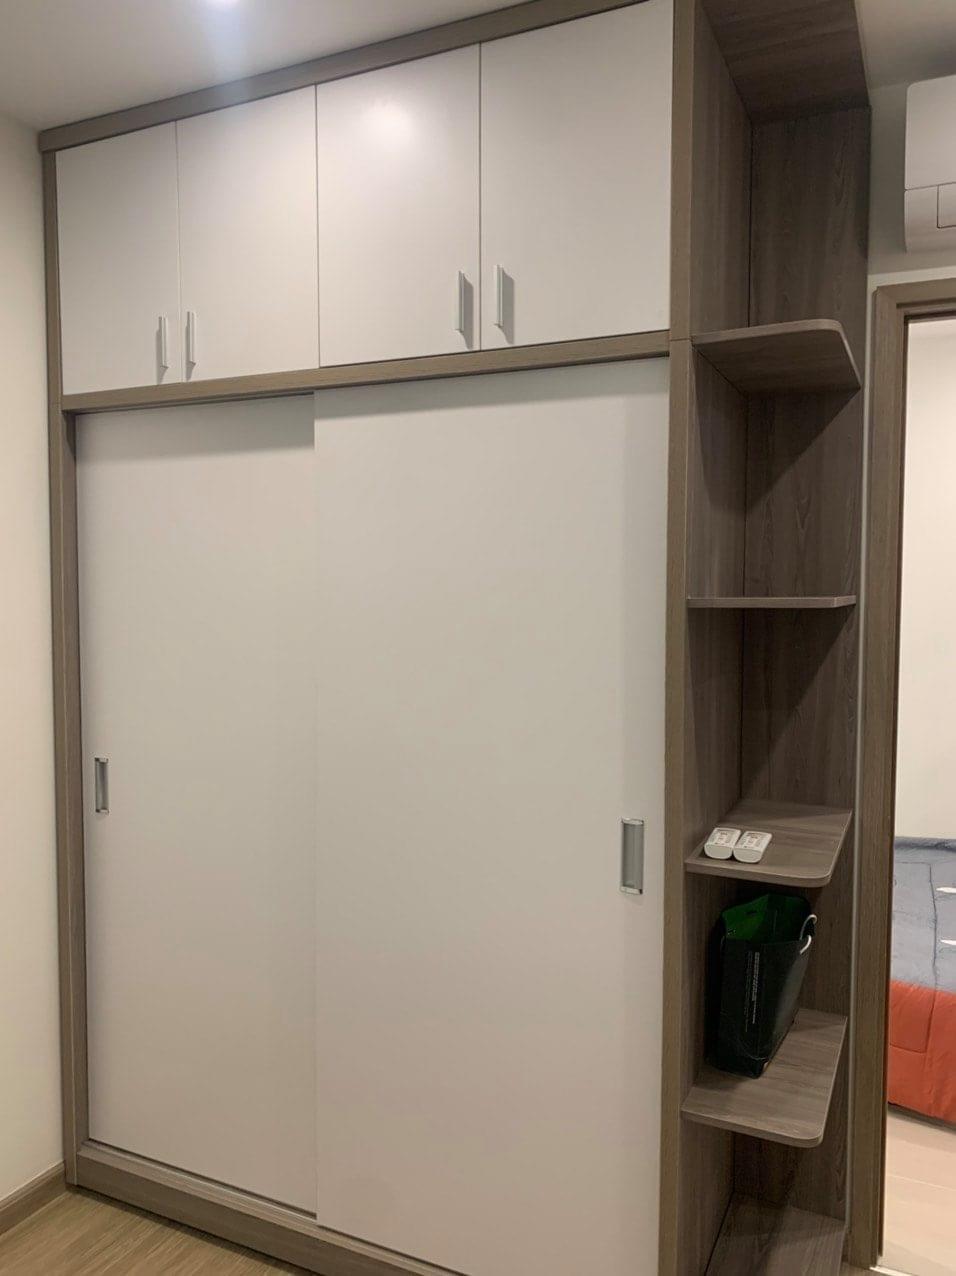 Căn hộ 1 phòng ngủ toà S1.06 Tầng 9 đủ nội thất 7tr/tháng 7